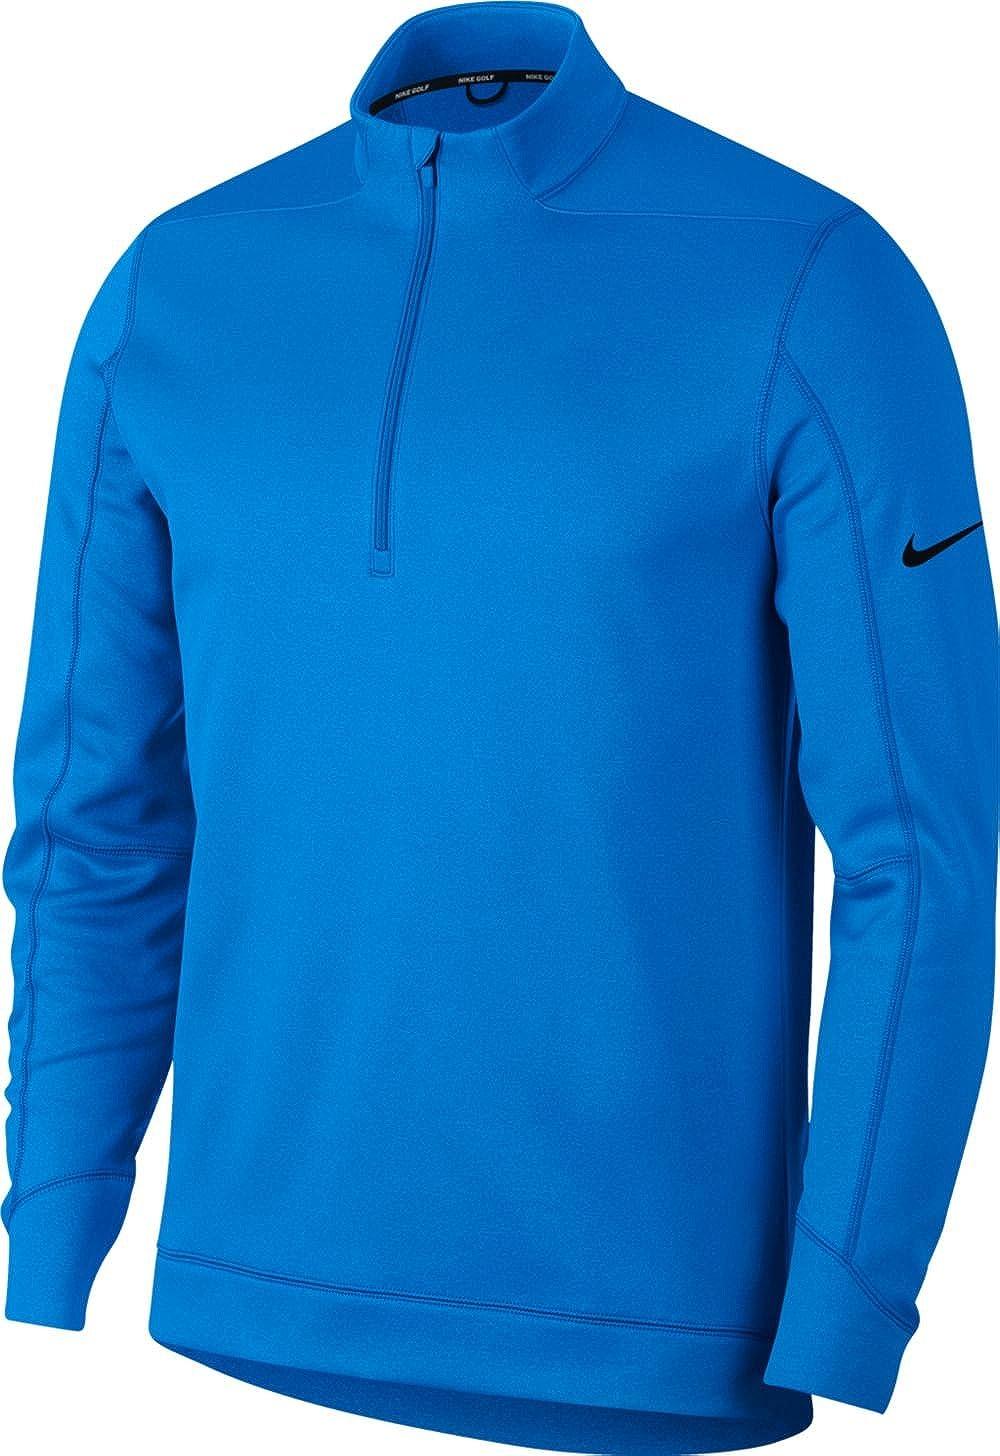 Bleu noir L Nike Sweat-Shirt de Sport Homme